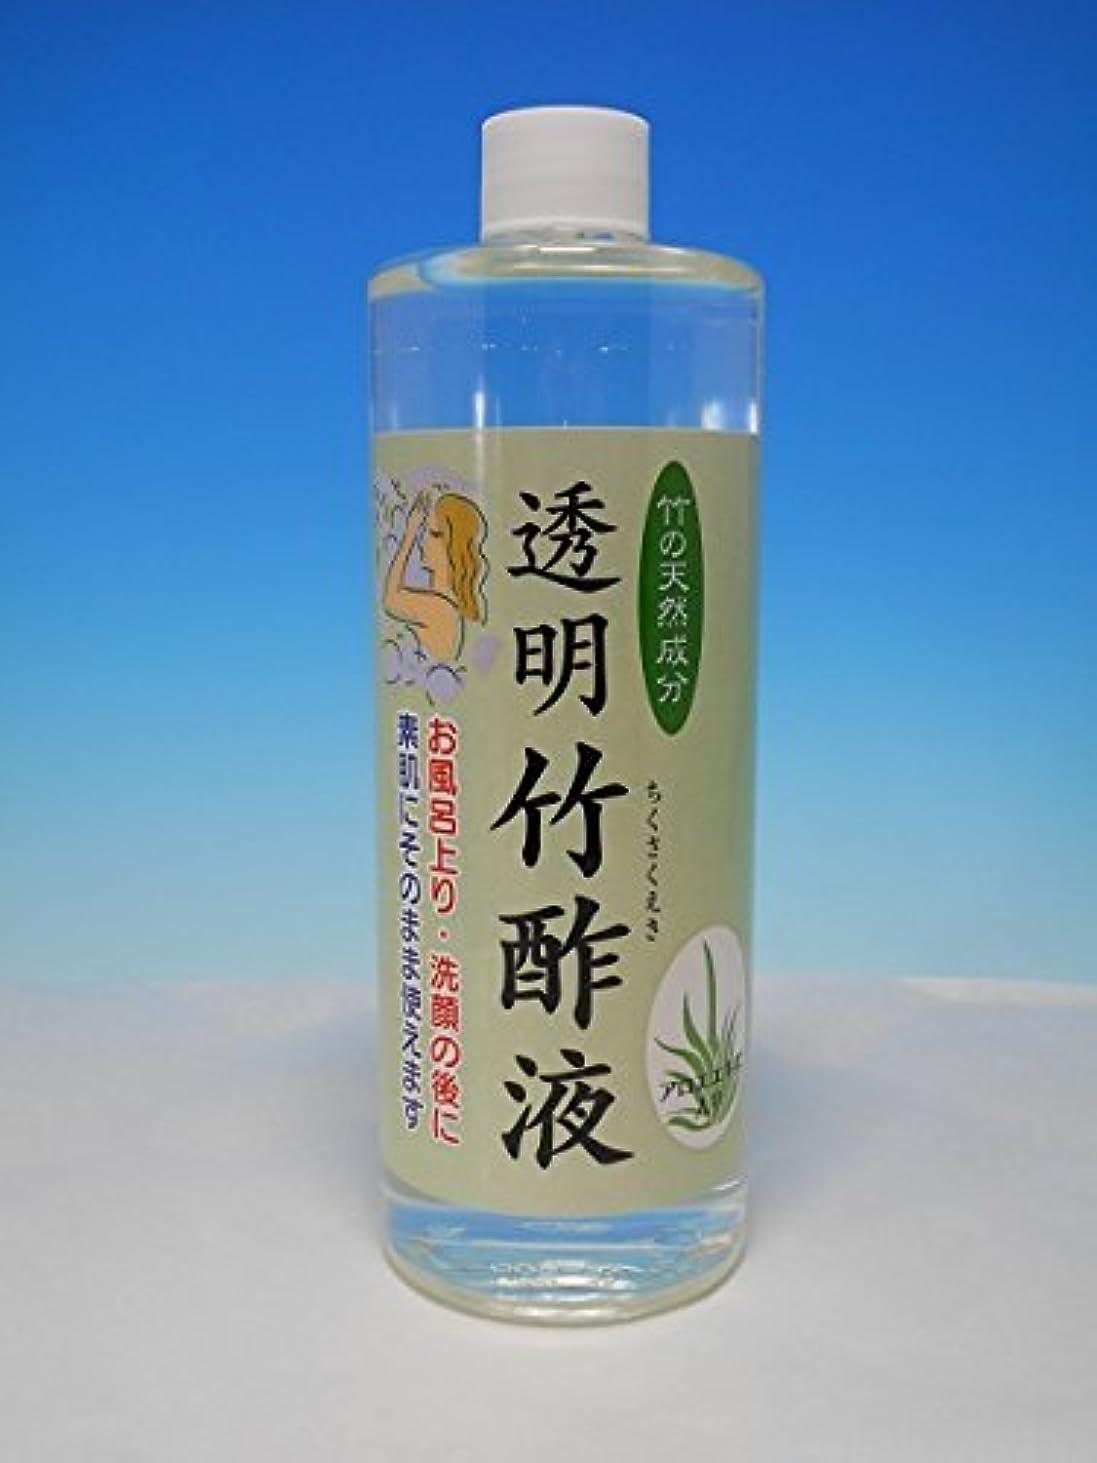 不正新年未亡人透明竹酢液 500ml 素肌に使える化粧水タイプの竹酢液